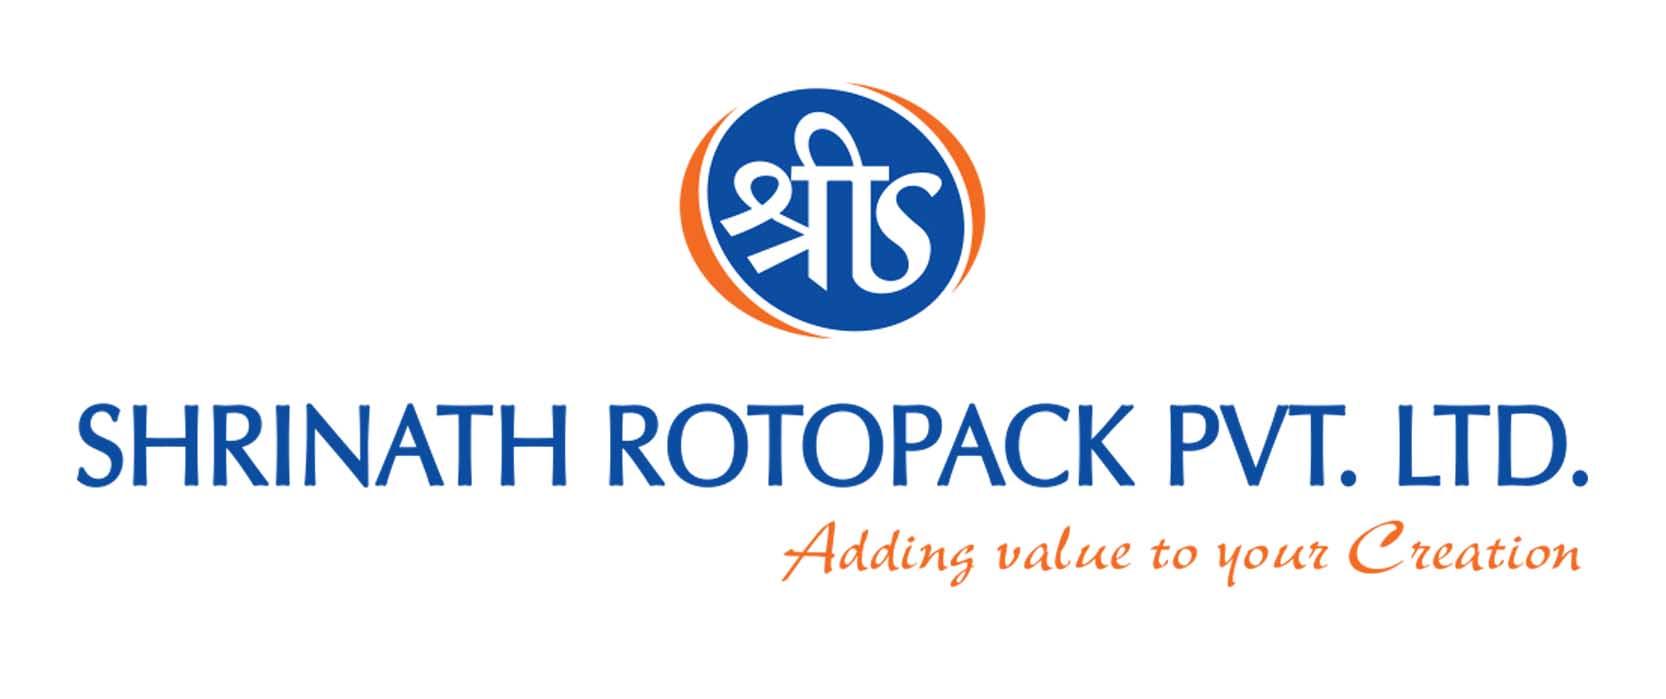 Shrinath Rotopack